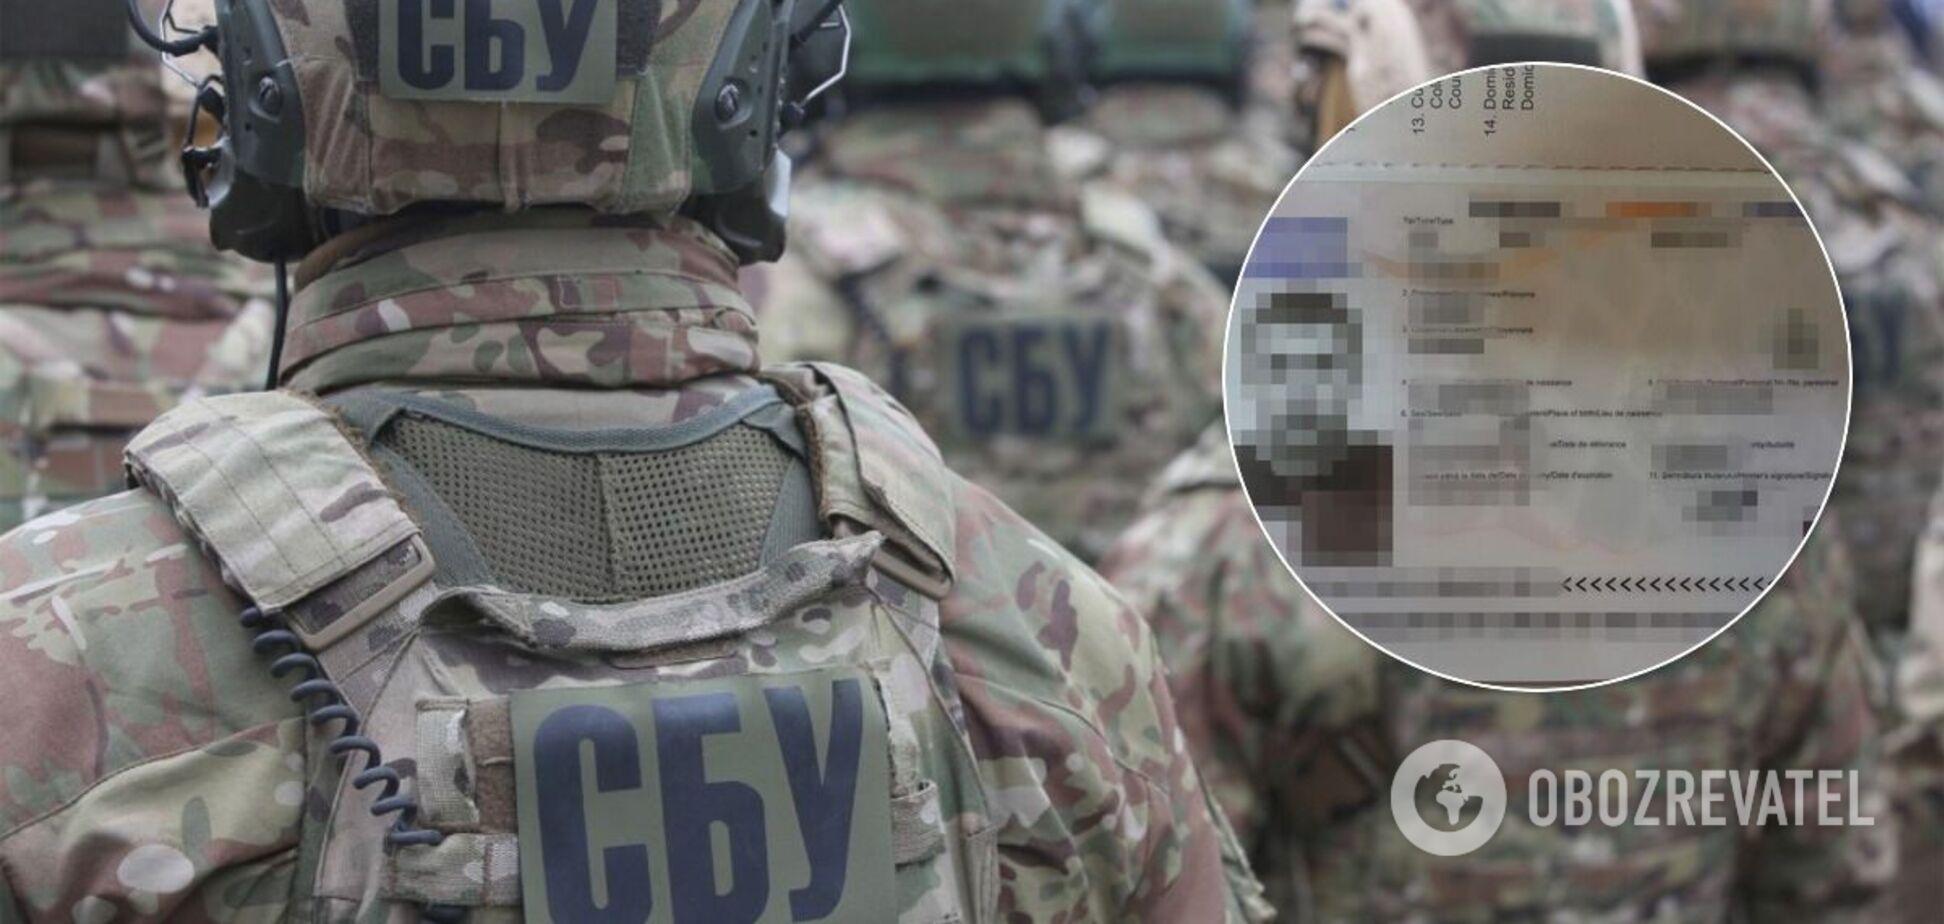 СБУ затримала групу людей, які виготовляли фальшиві паспорти ЄС